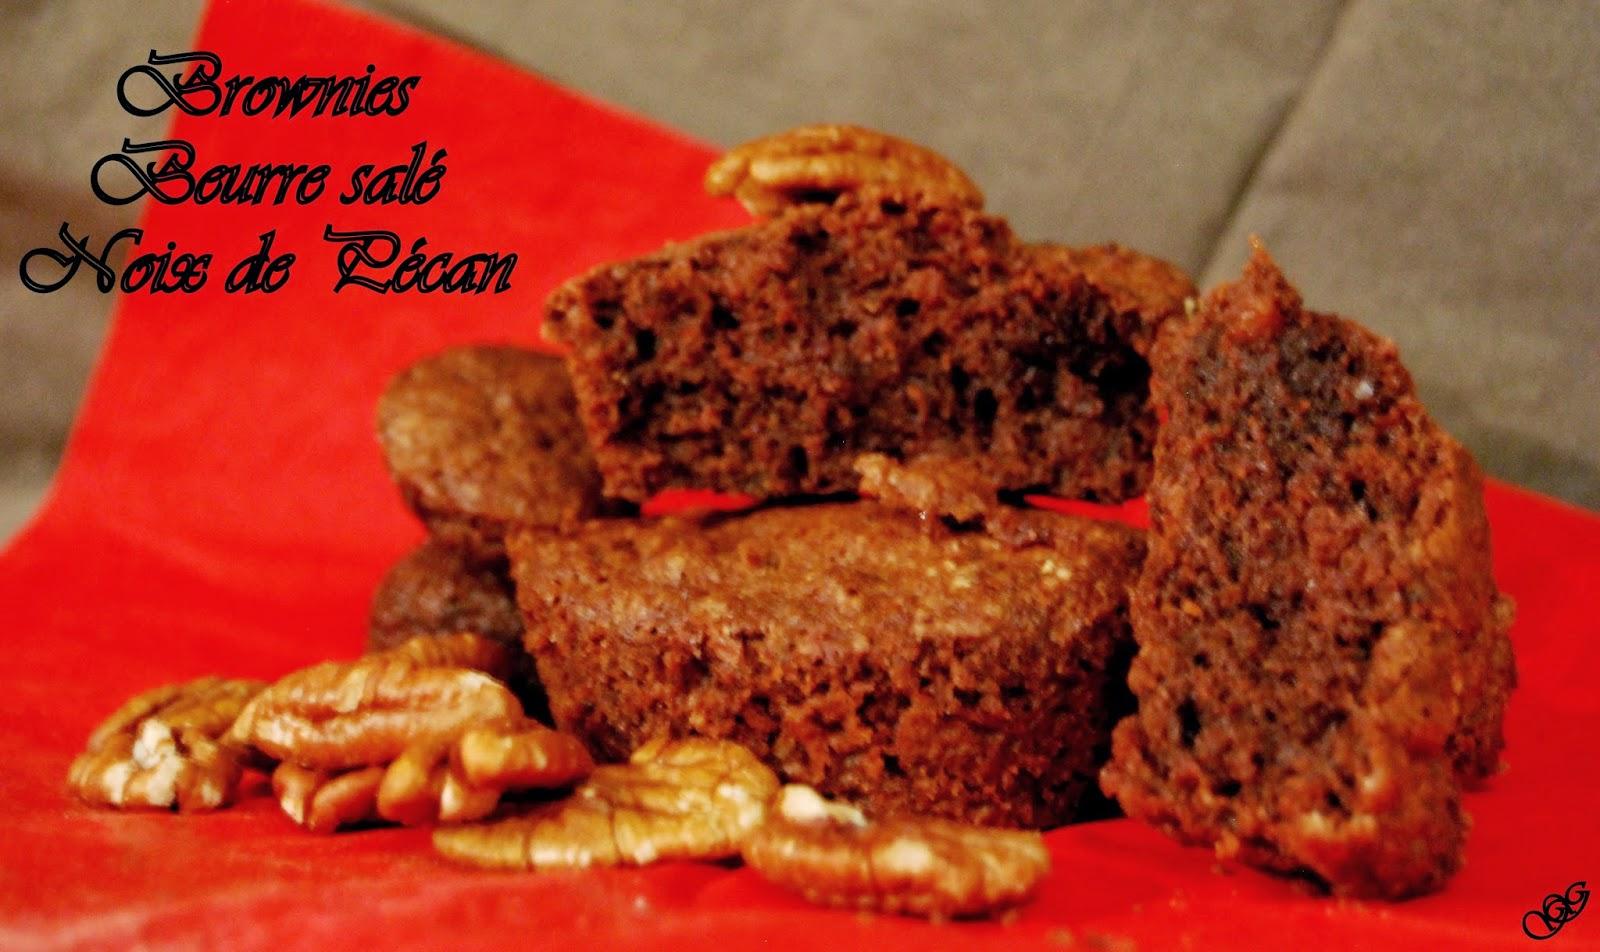 Brownie Beurre salé Noix de Pécan